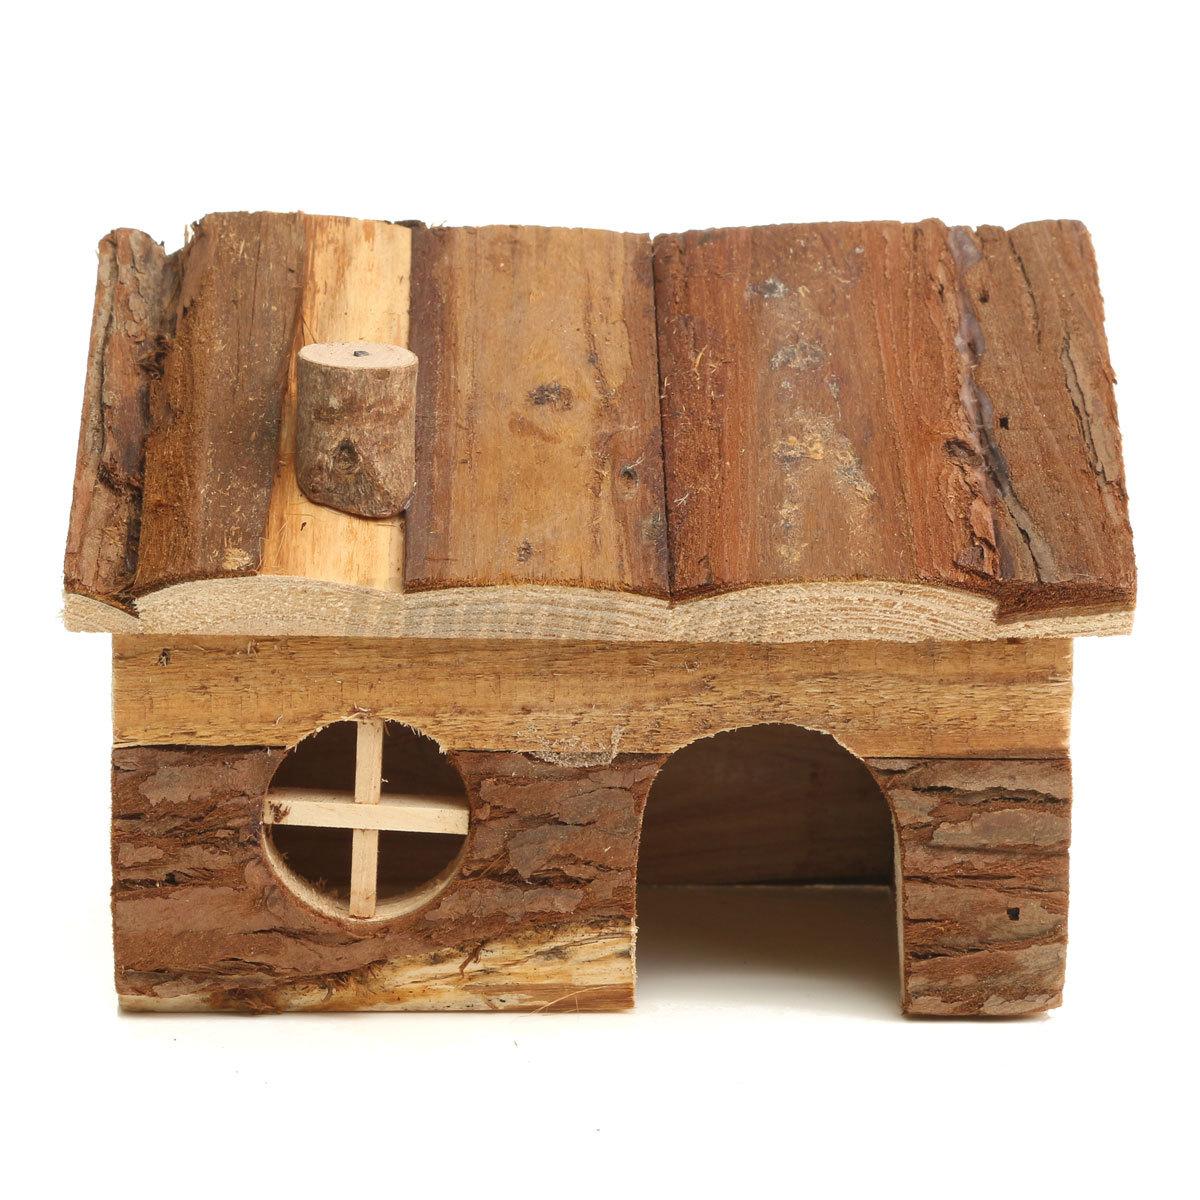 jouet cage maison cabane bois pour hamster gerbilles souris lapin rat exercice ebay. Black Bedroom Furniture Sets. Home Design Ideas